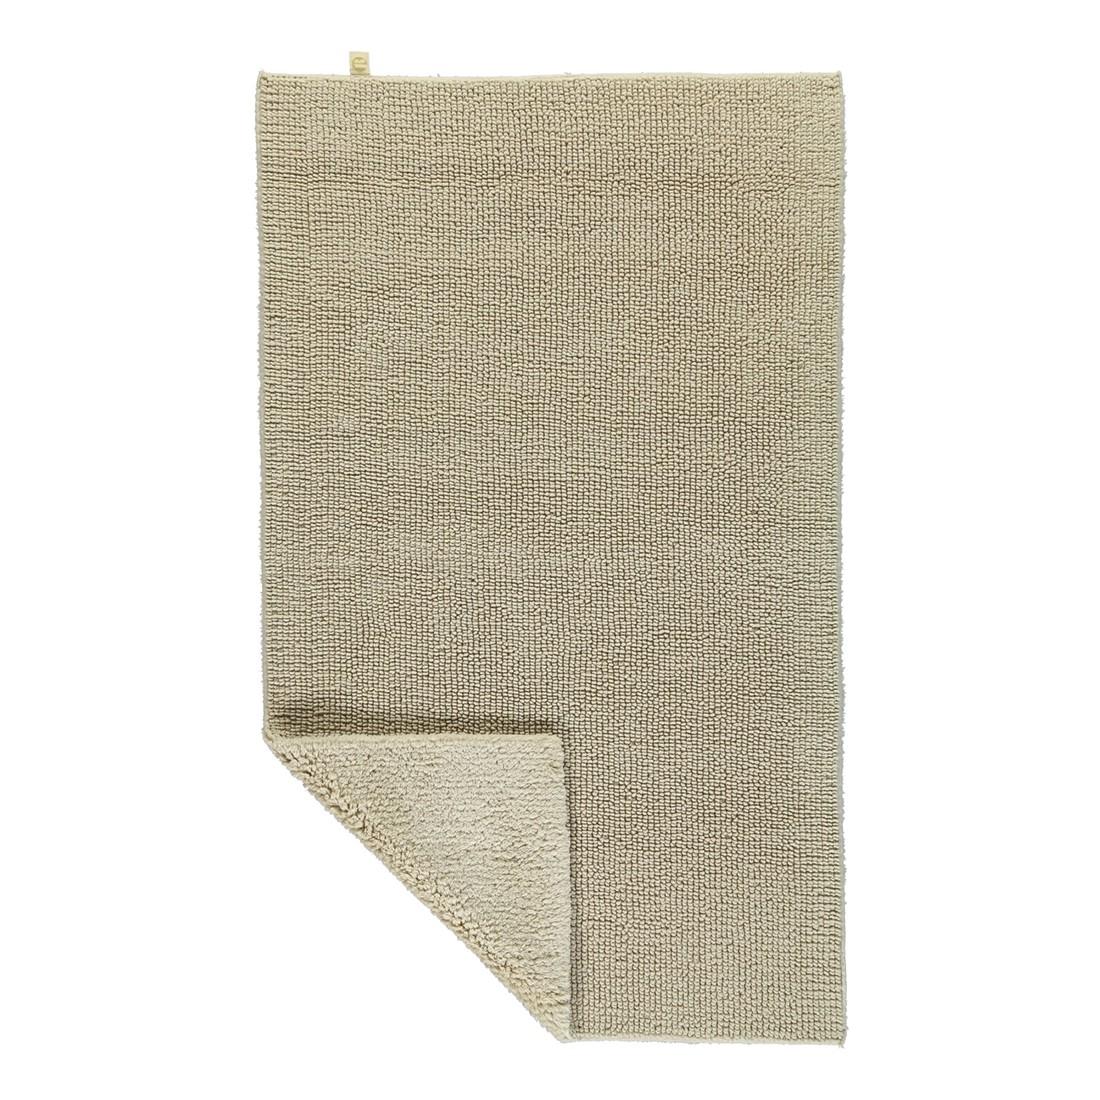 Badteppich Pur - 100% Baumwolle - Beige - 42 - 70 x 130 cm, Rhomtuft